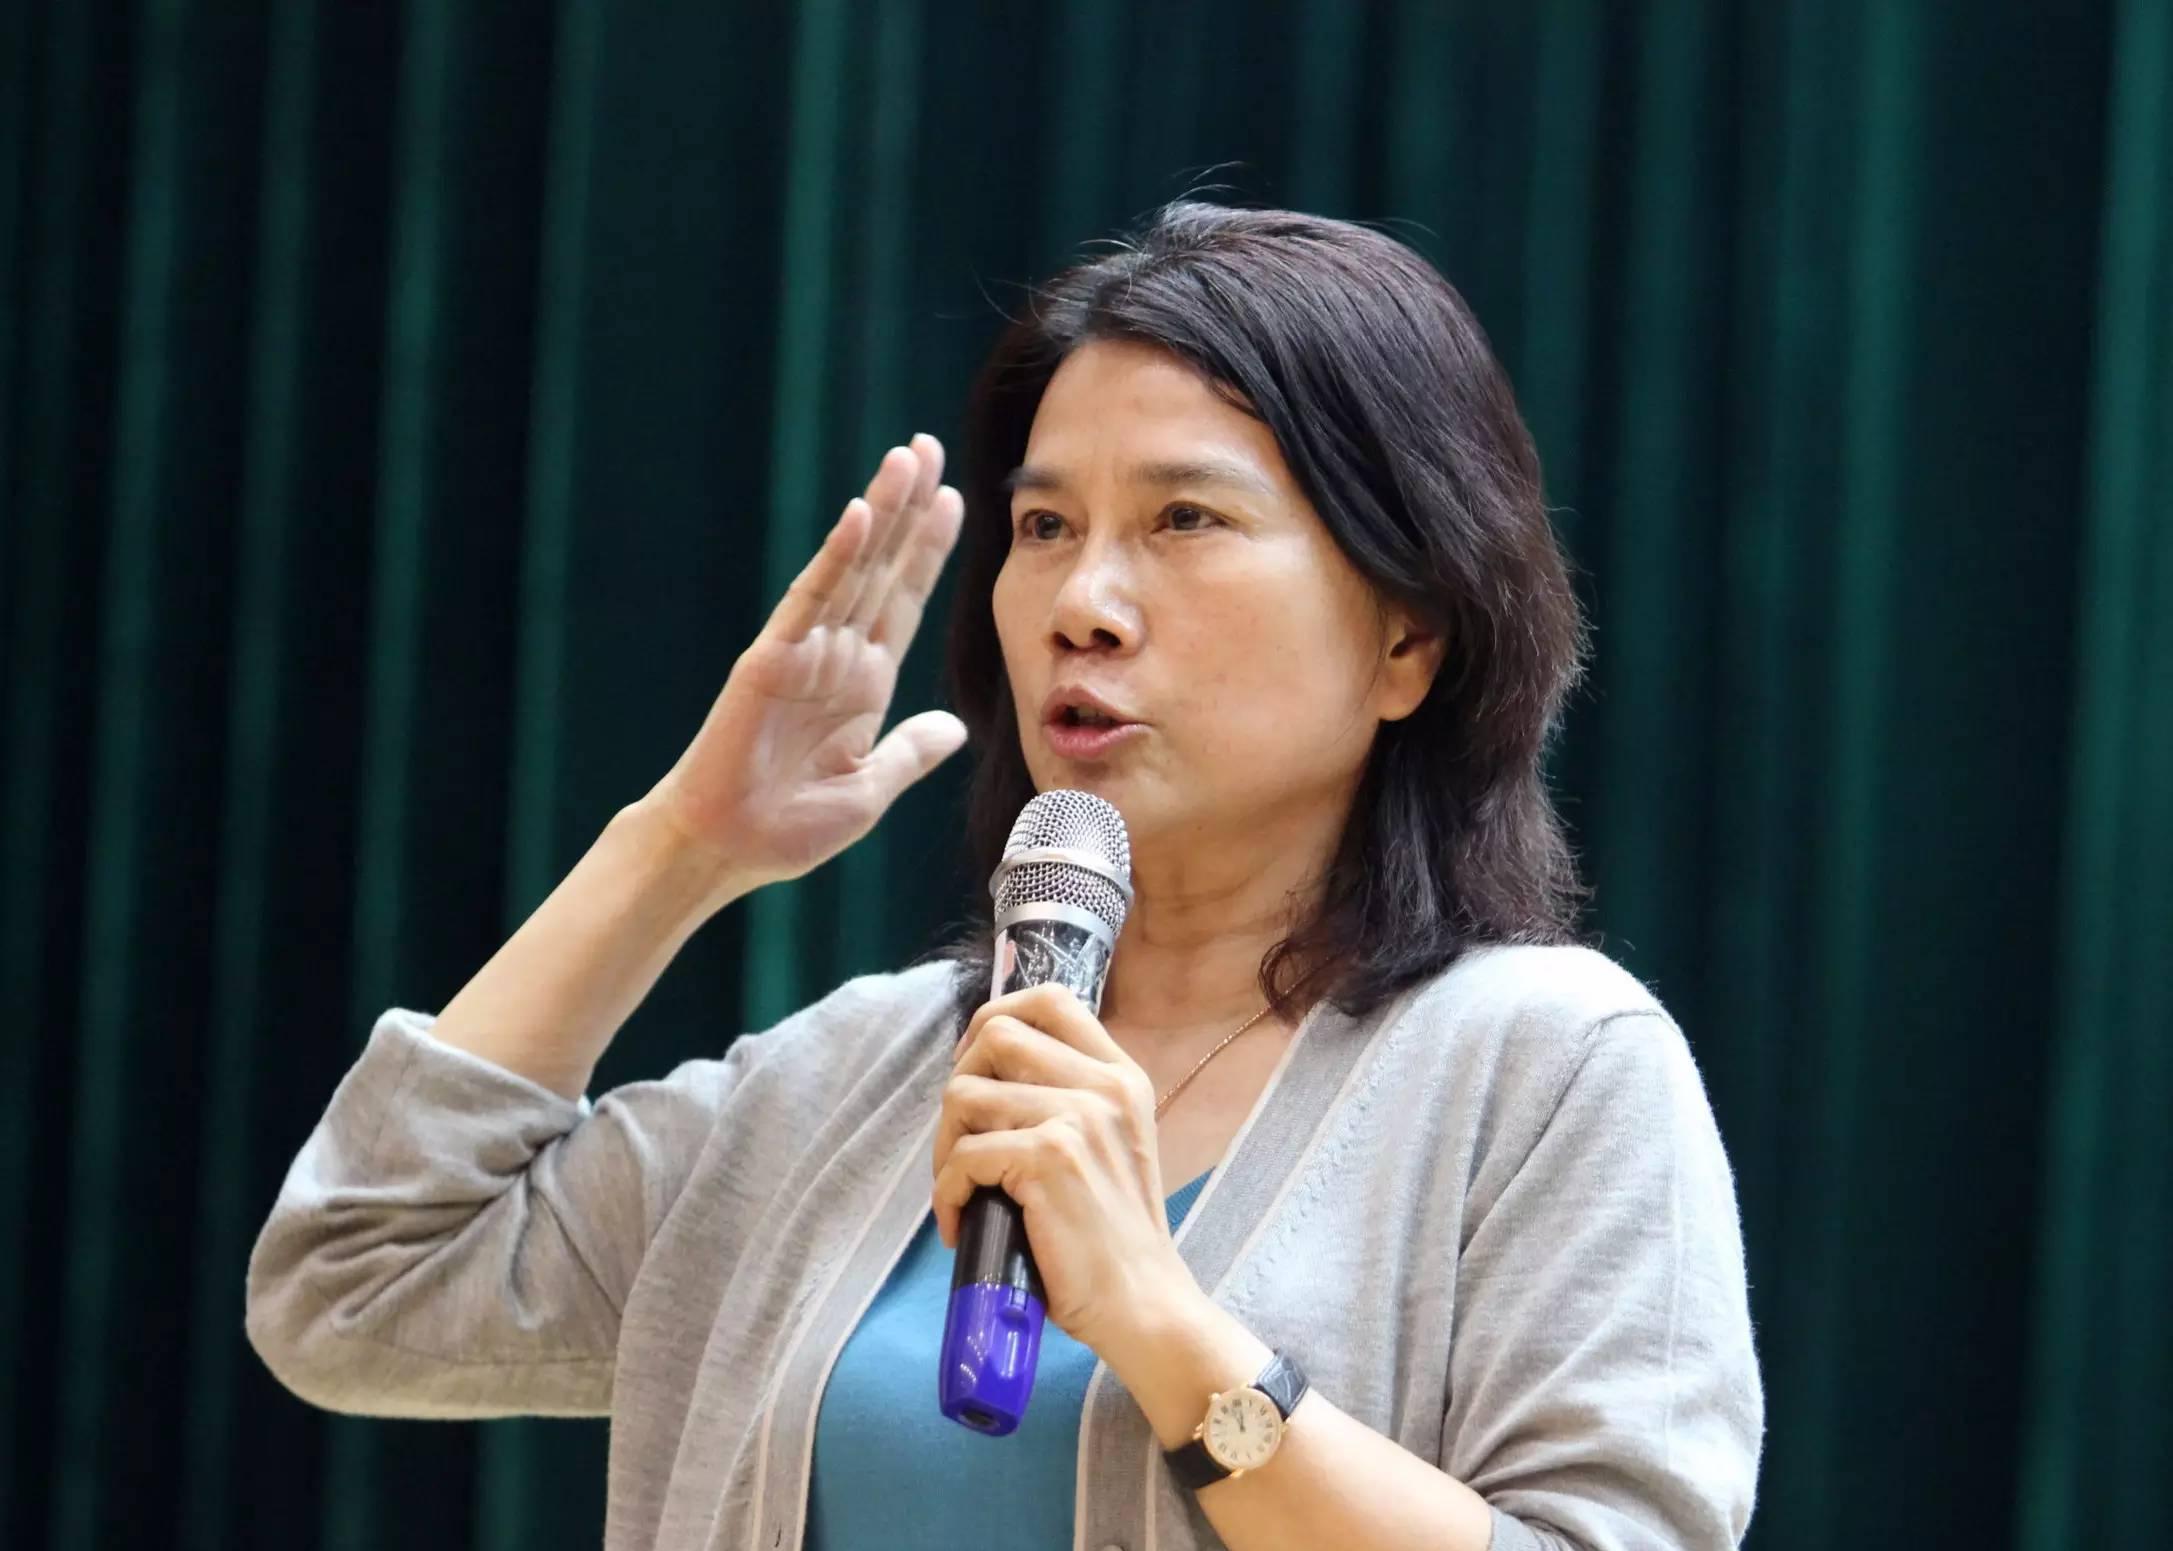 王健林认为一旦珠海银隆的电动车,储能技术两个核心技术能够实现商业